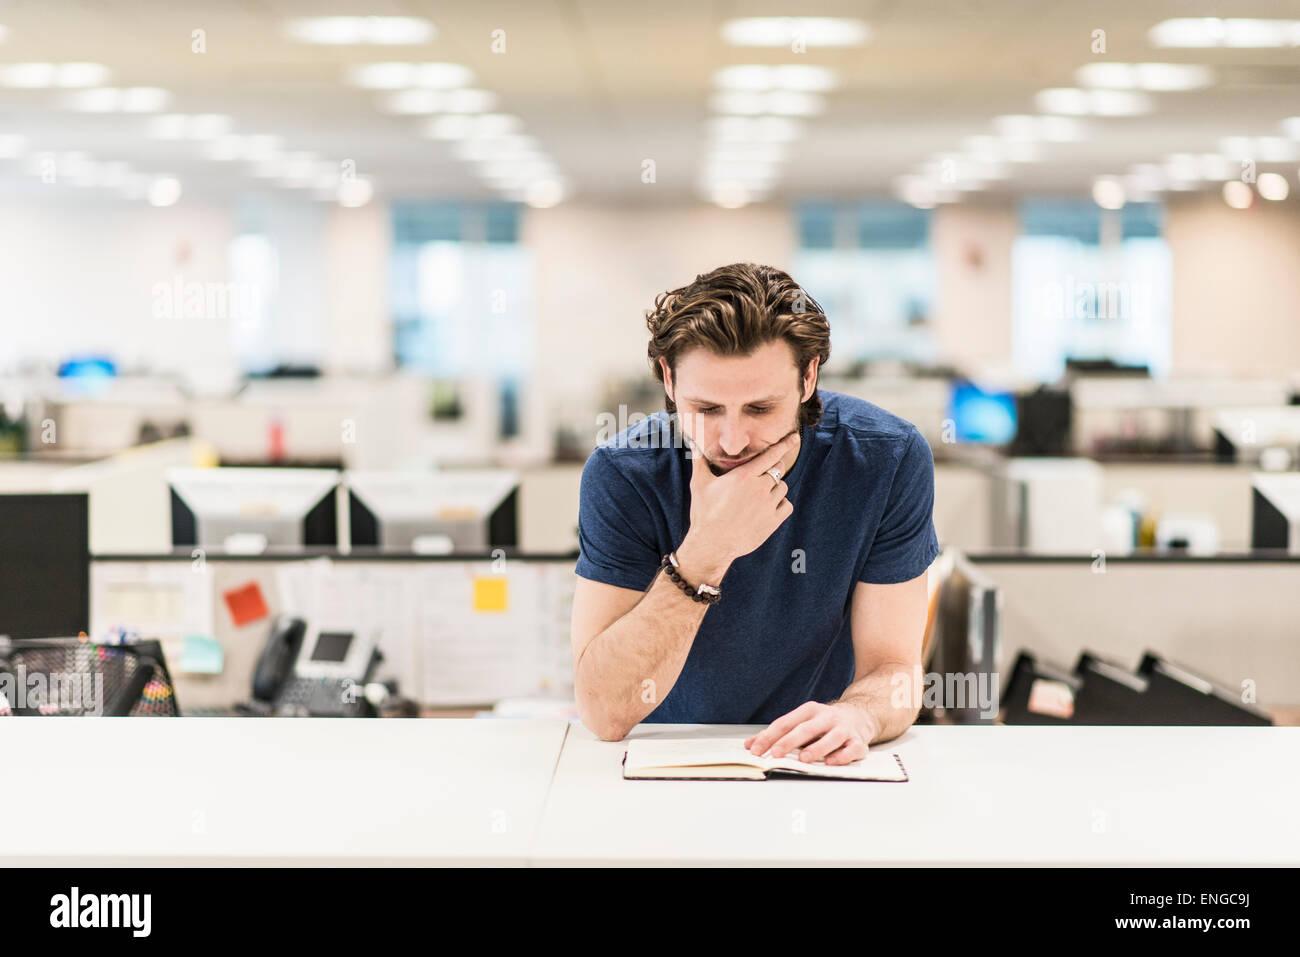 Ein Mann stützte sich auf seine Ellbogen und mit Blick auf ein offenes Buch auf einem Schreibtisch. Stockbild